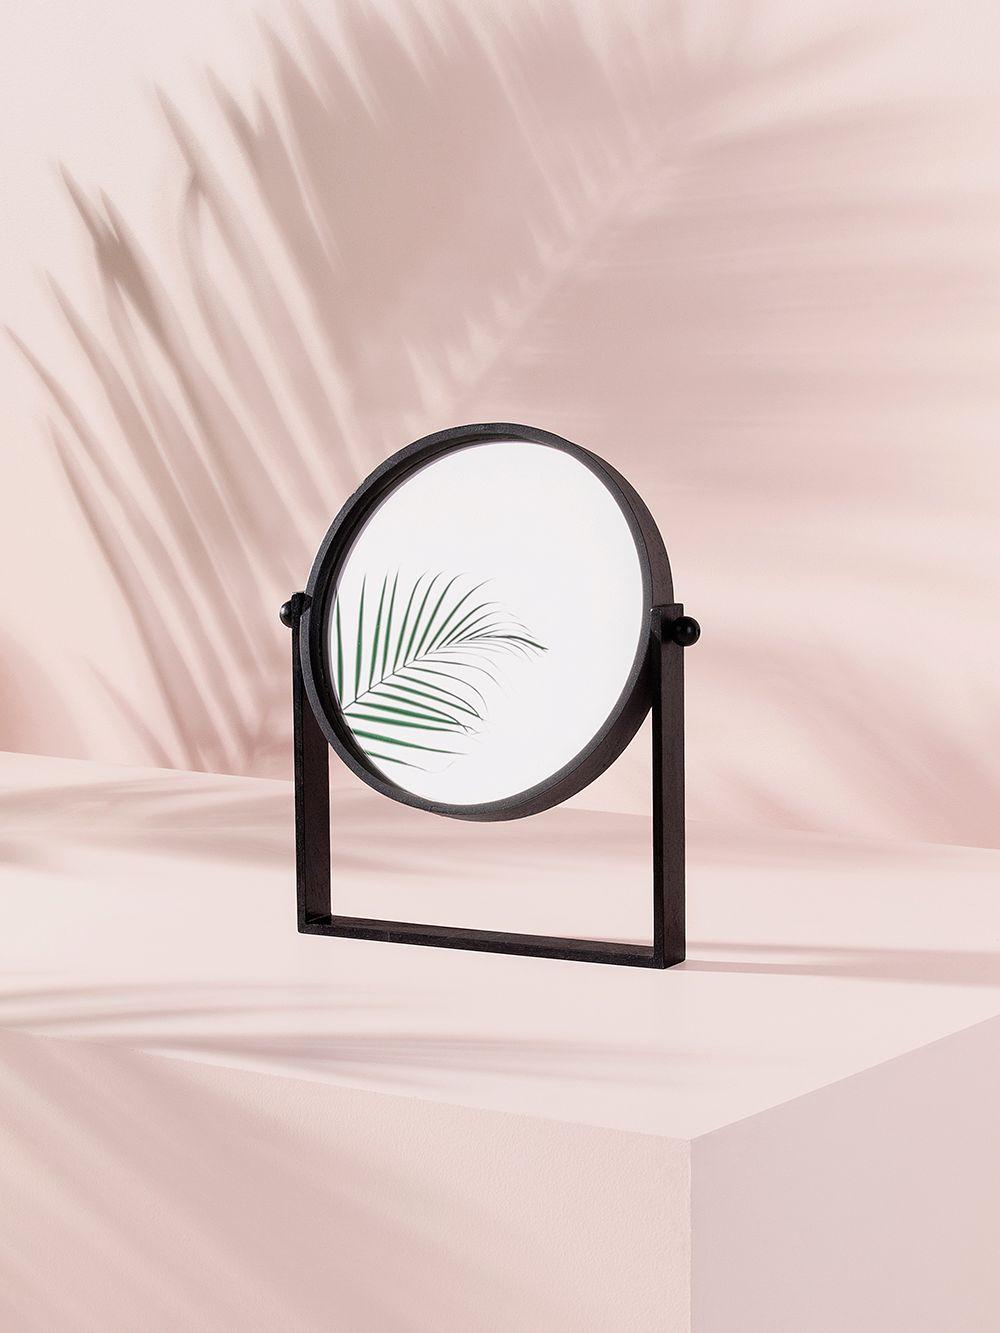 Lampi mirror by Hakola